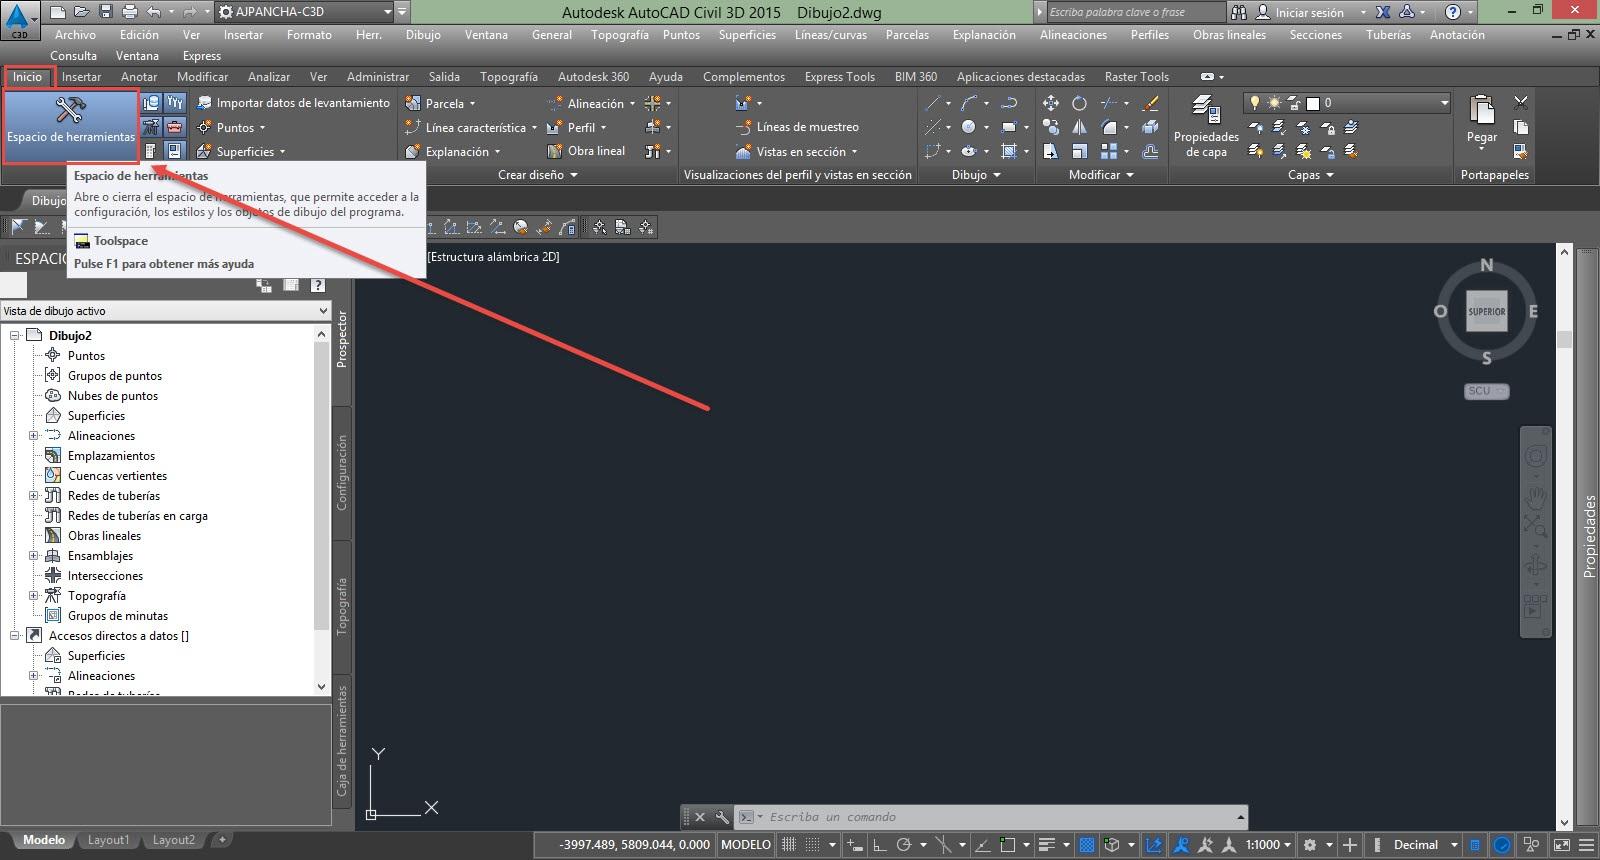 Solucionado: VENTANA TOOLSPACE NO APARECE - Autodesk Community